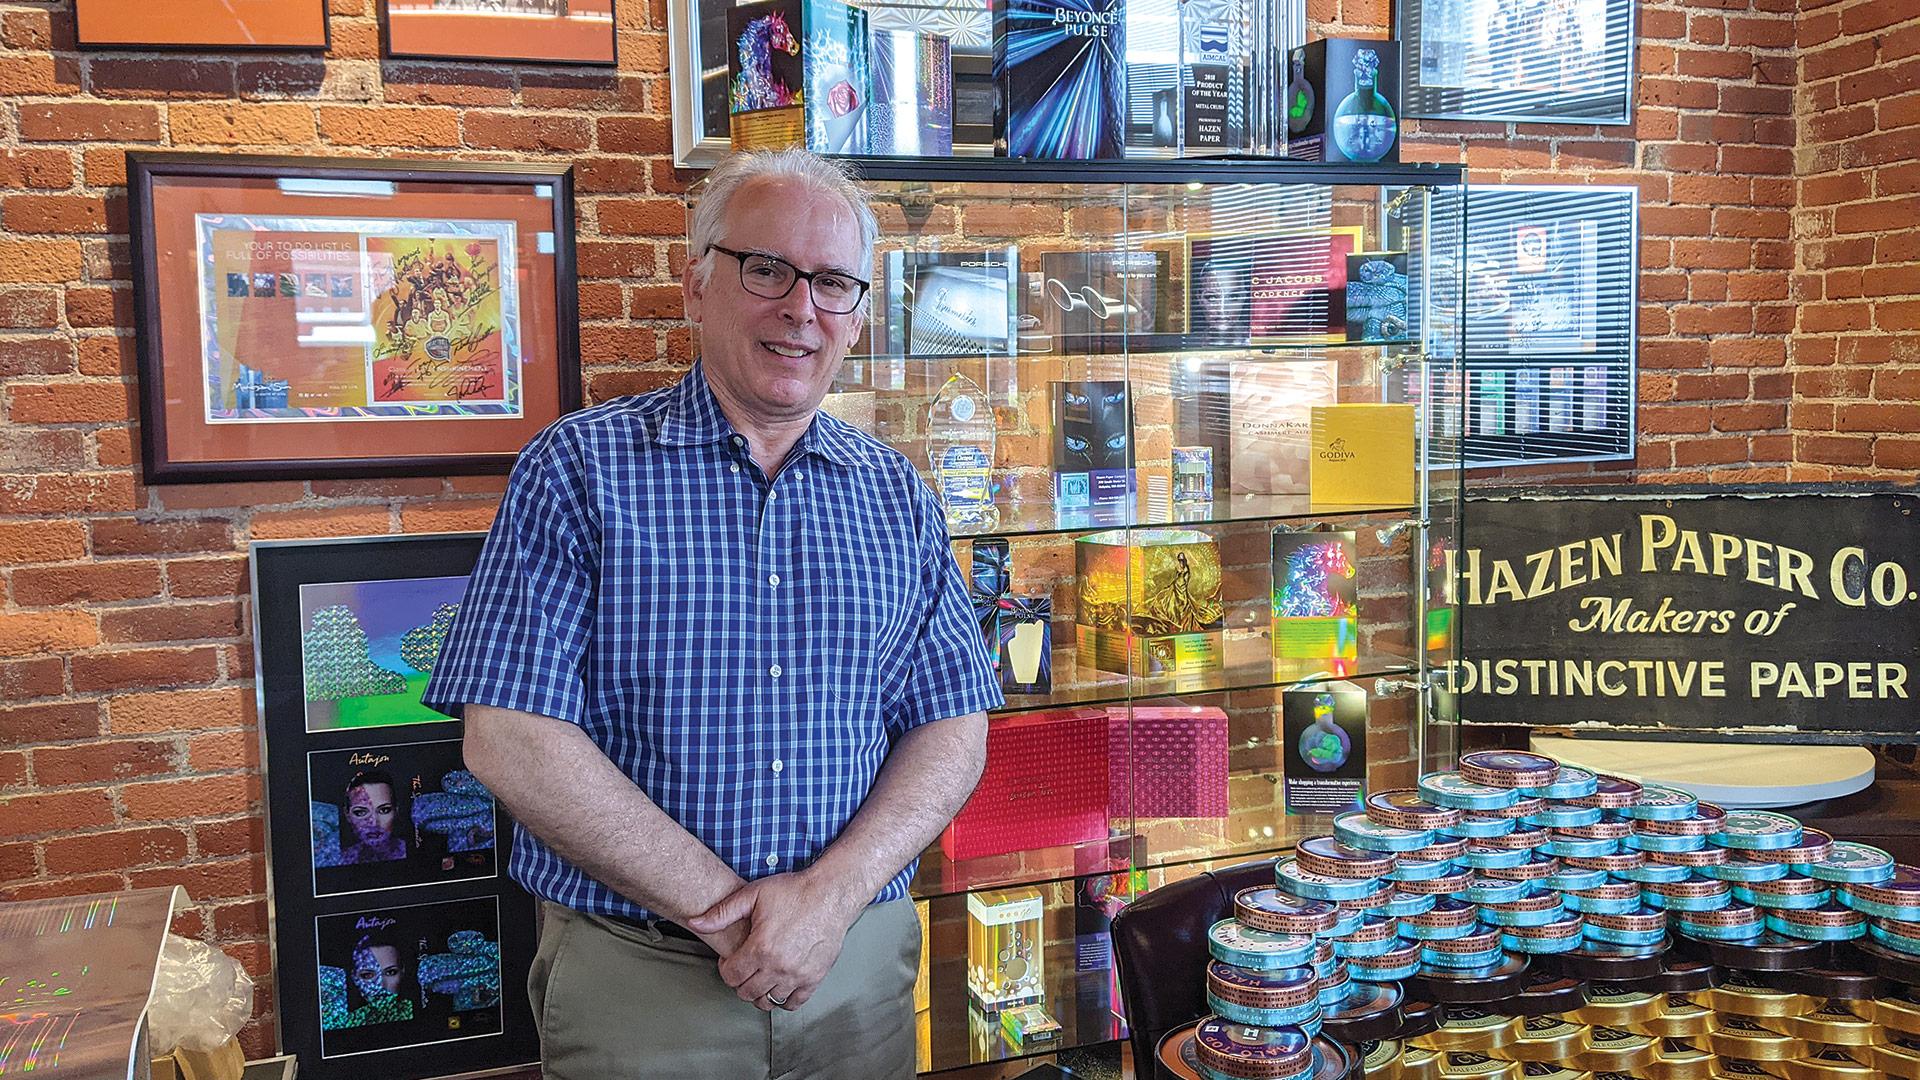 John Hazen stands beside displays